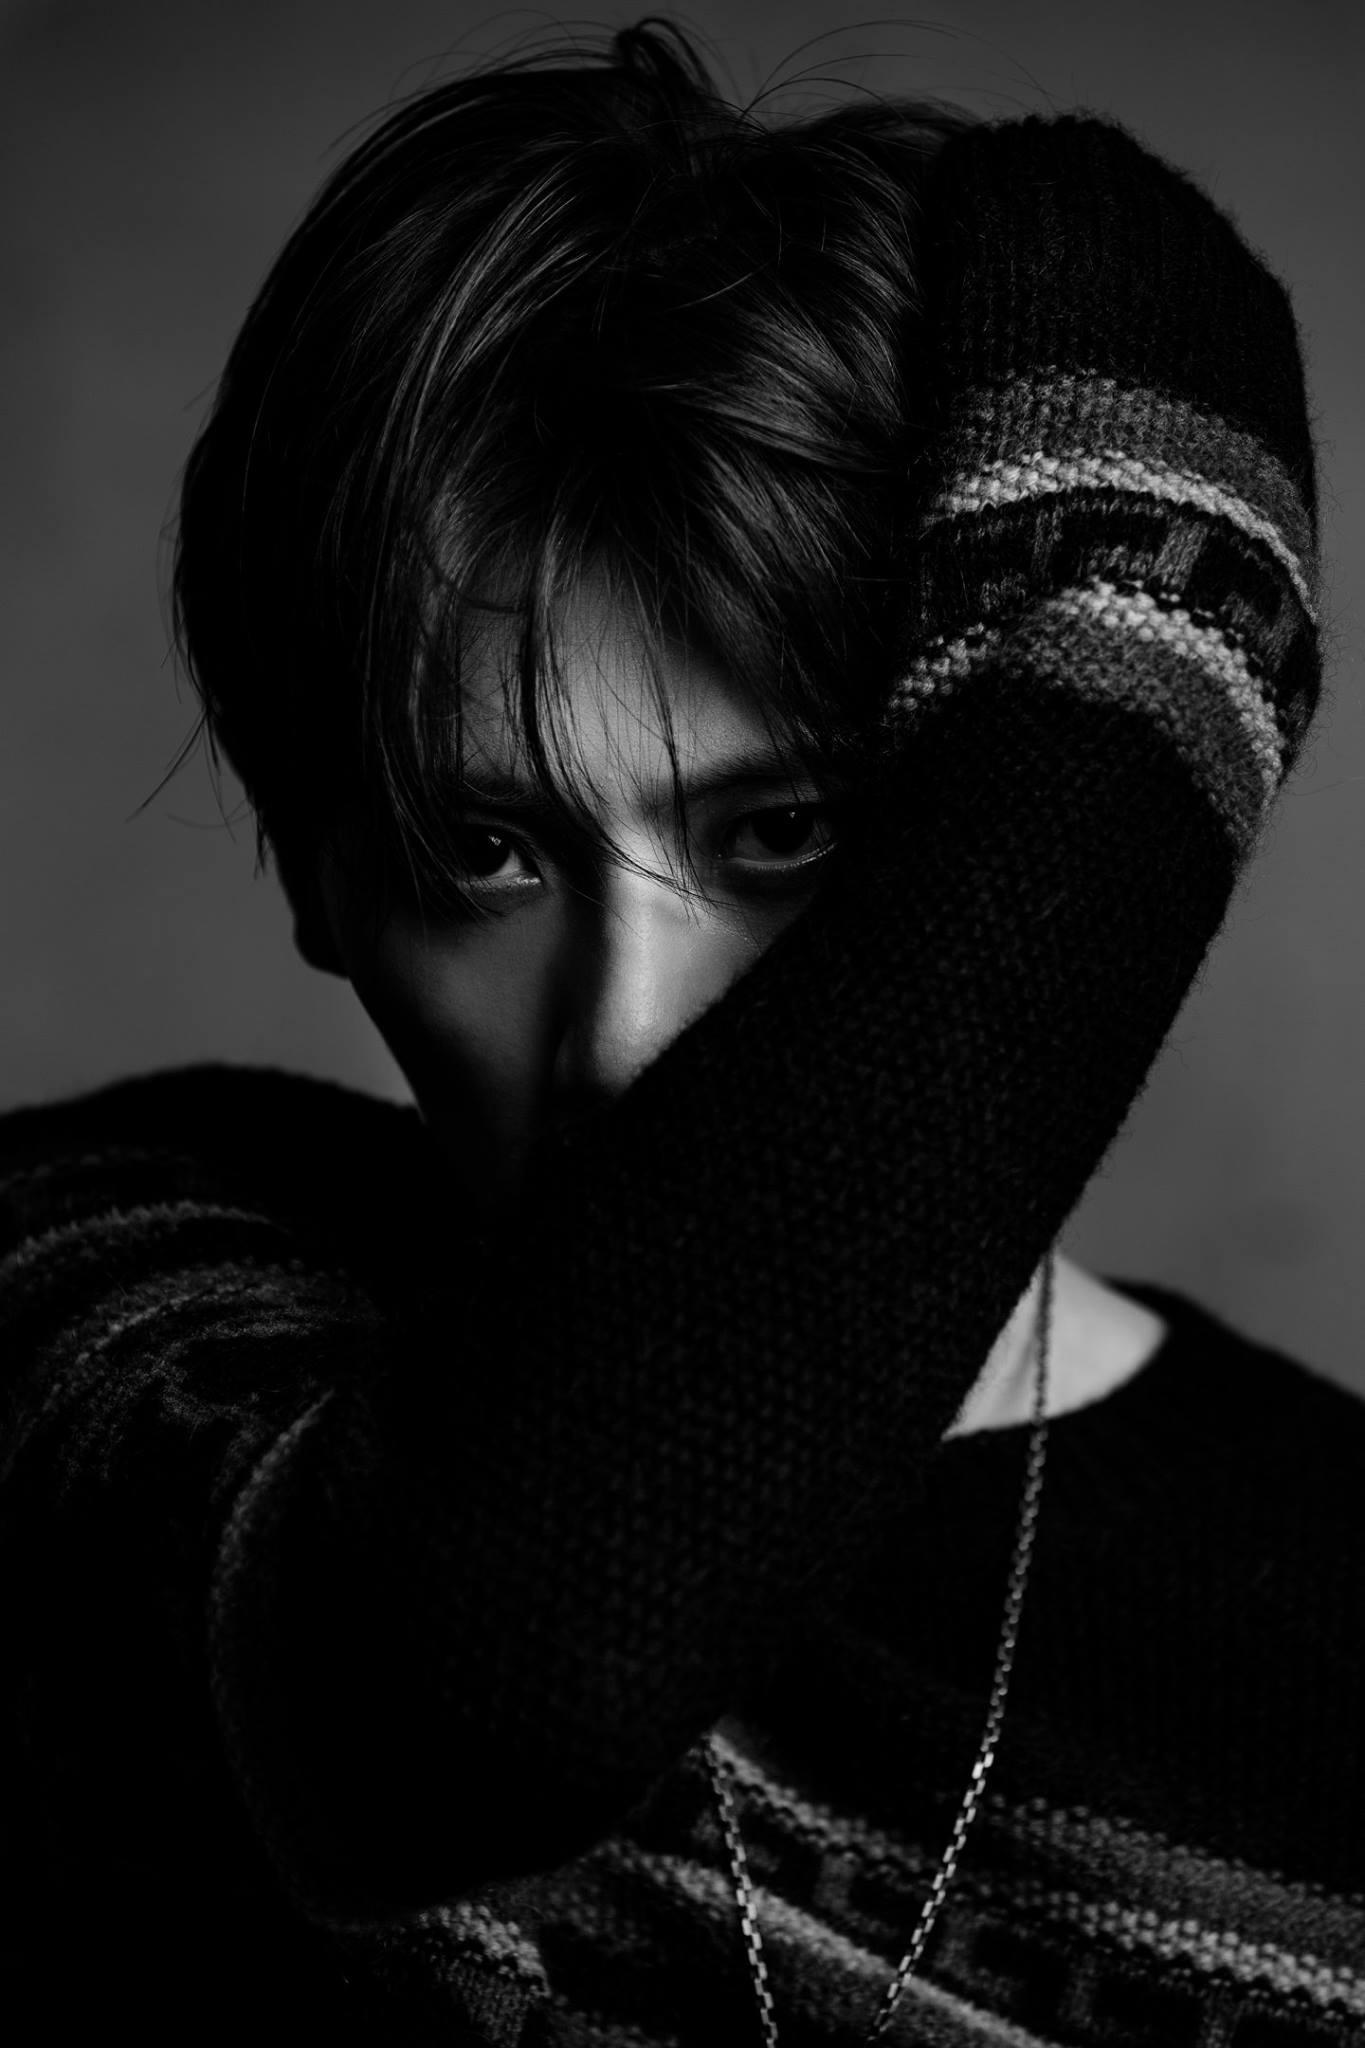 بيست اصدروا الفيديو التشويقي الخاص باغنيتهم القادمة  Hyunseung